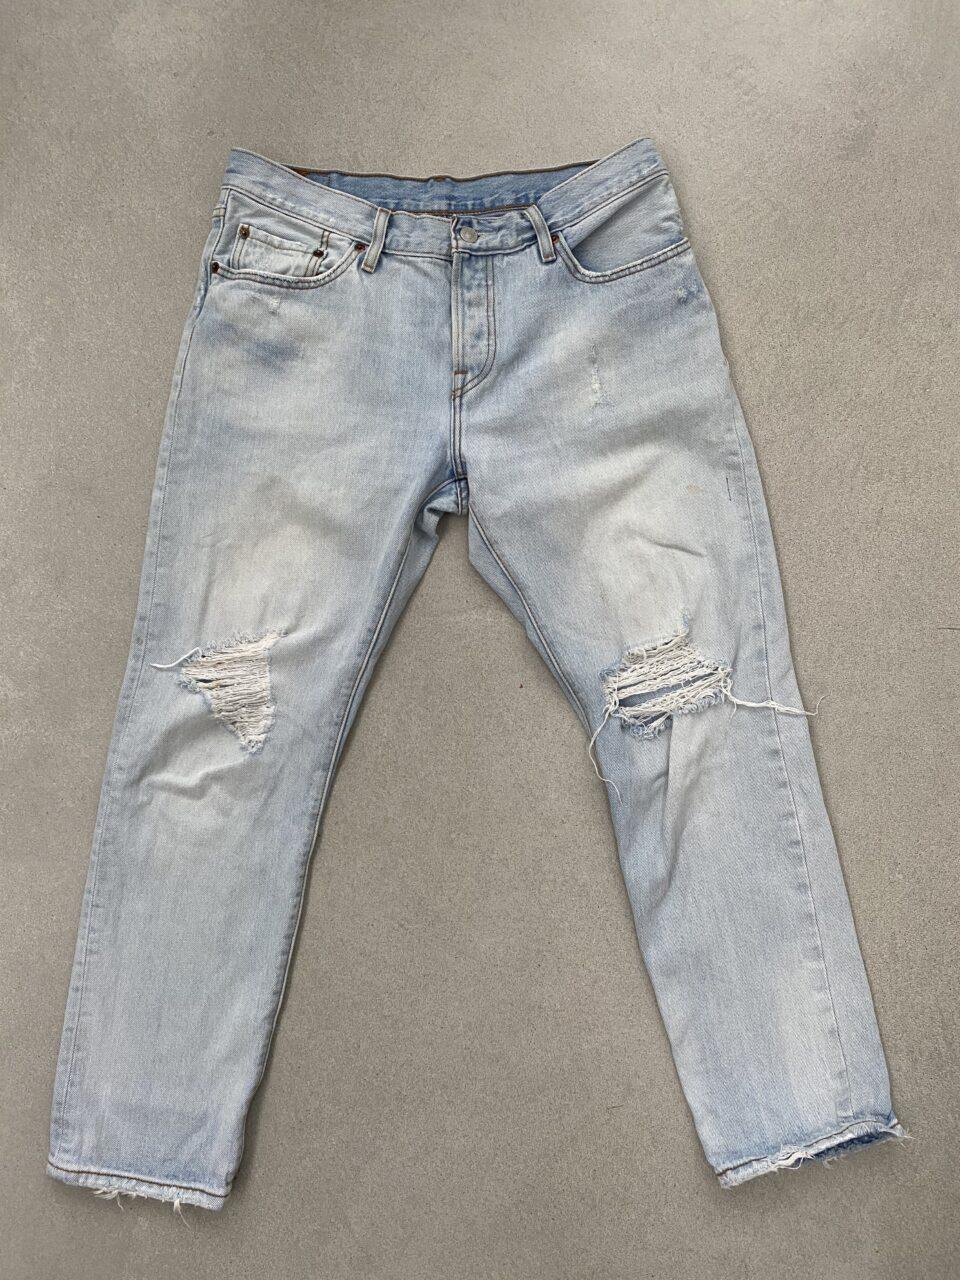 lichtblauwe spijkerbroek op betonvloer